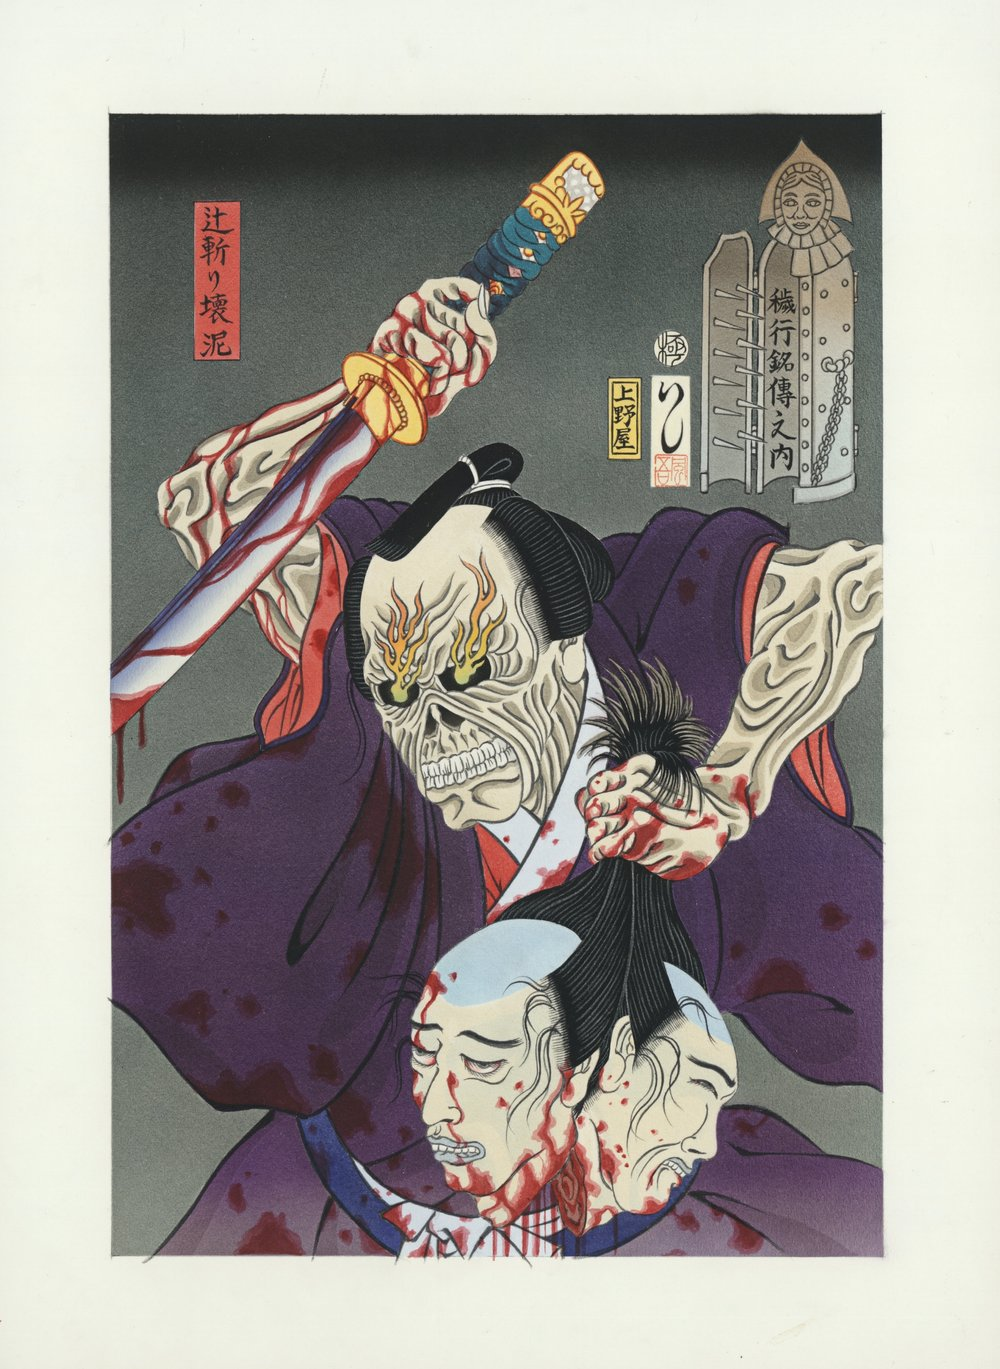 辻斬り壊泥 - 彼らの代表作といわれているセカンドアルバムであり、メタル史上において屈指の名盤「キラーズ」のオマージュとして制作しました。「切り裂きジャック」は日本だと江戸時代では辻斬りがそれにあたると考え、和製版「切り裂きジャック」として表現しました。また、この壊泥(エディ)という当て字は、破壊することにこだわるという意味を込めており、単なる破壊者という文字通りのイメージではなく、「既成概念を打ち破るもの」「ネガディブな物や存在を一刀両断にする存在」として、あえて大胆な構図に仕上げました。また浮世絵ではよくある短冊は、鋼鉄の処女の拷問器具をそのままモチーフにして、その短冊のなかに「穢行銘傳之内」(アイアンメイデンのうち)という文字を当て字にしております。サイズ(約): 縦 48 cm × 横 34 cm材質/用紙:奉書紙『越前生漉奉書』商品は紙額に入れた後、特注のタトウ(写真はこちらのリンクにて)※ に挟み厳重に梱包しお送りします。額装はされておりません。額装が必要な場合は下記の写真を参考にオプションで追加して下さい。※タトウ・・・浮世絵などの版画や水彩画などの繊細な作品に最適の保存用二つ折り台紙です。108,000円(送料込・税込)